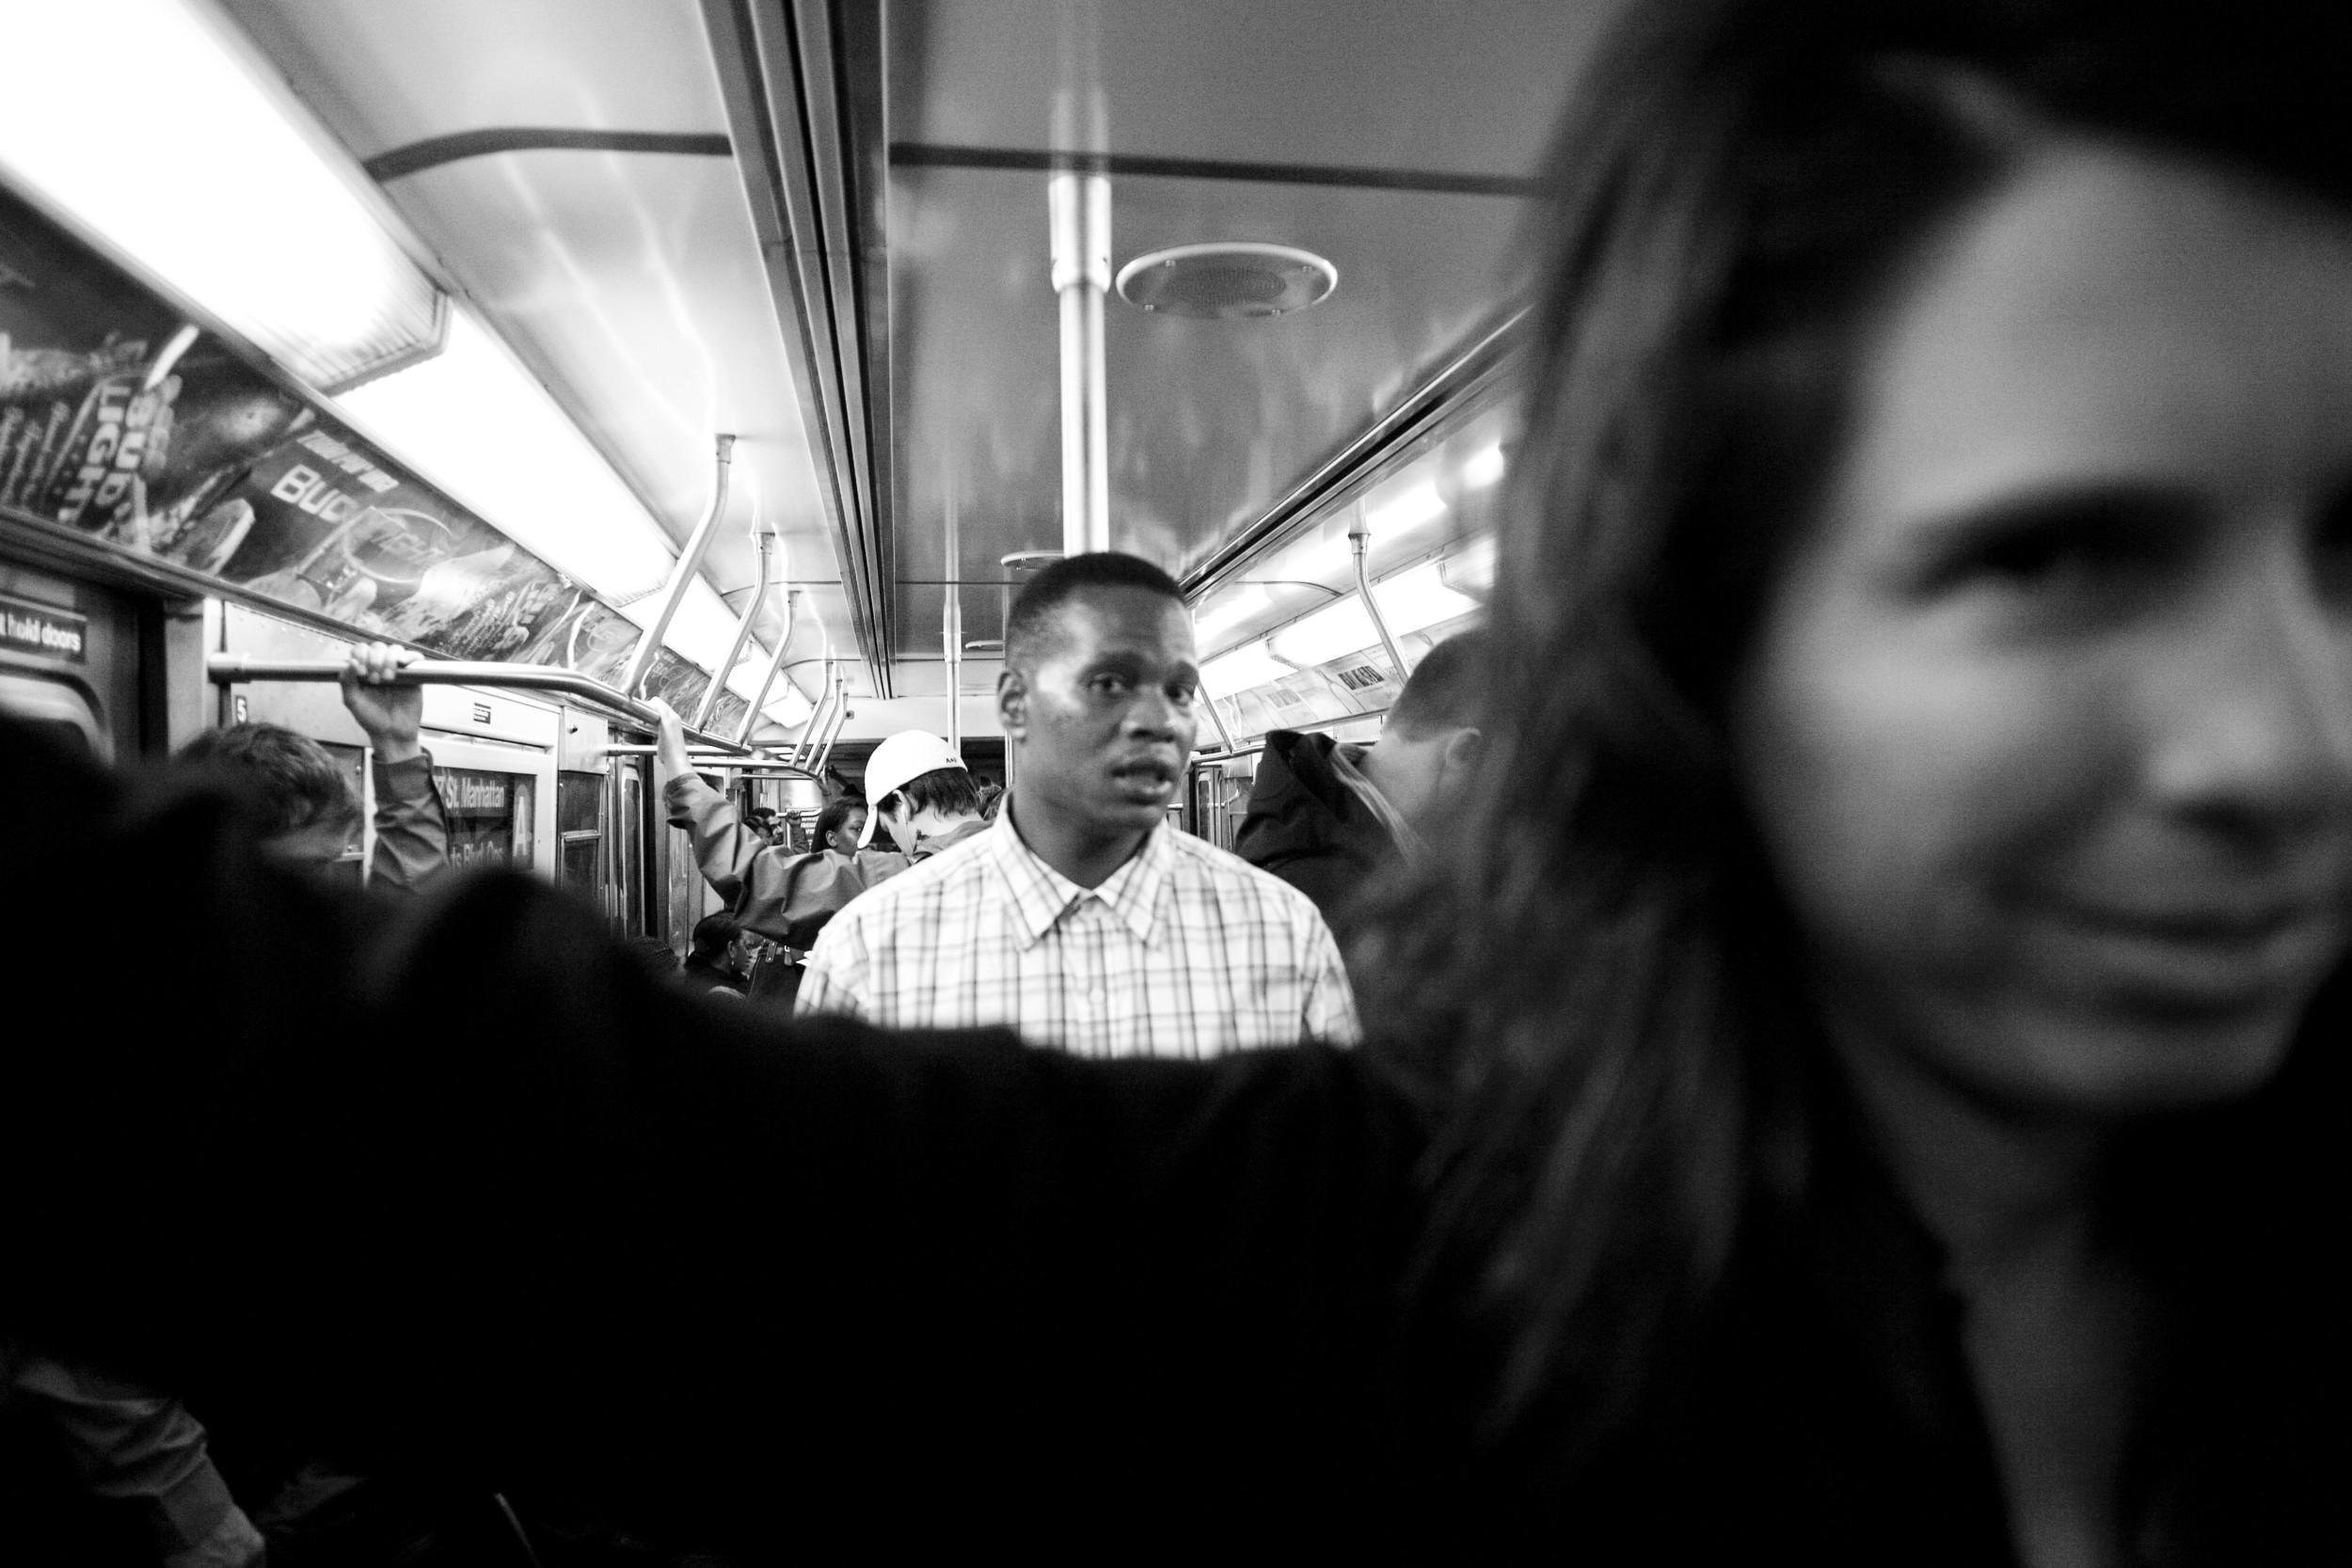 Subway-1781.JPG